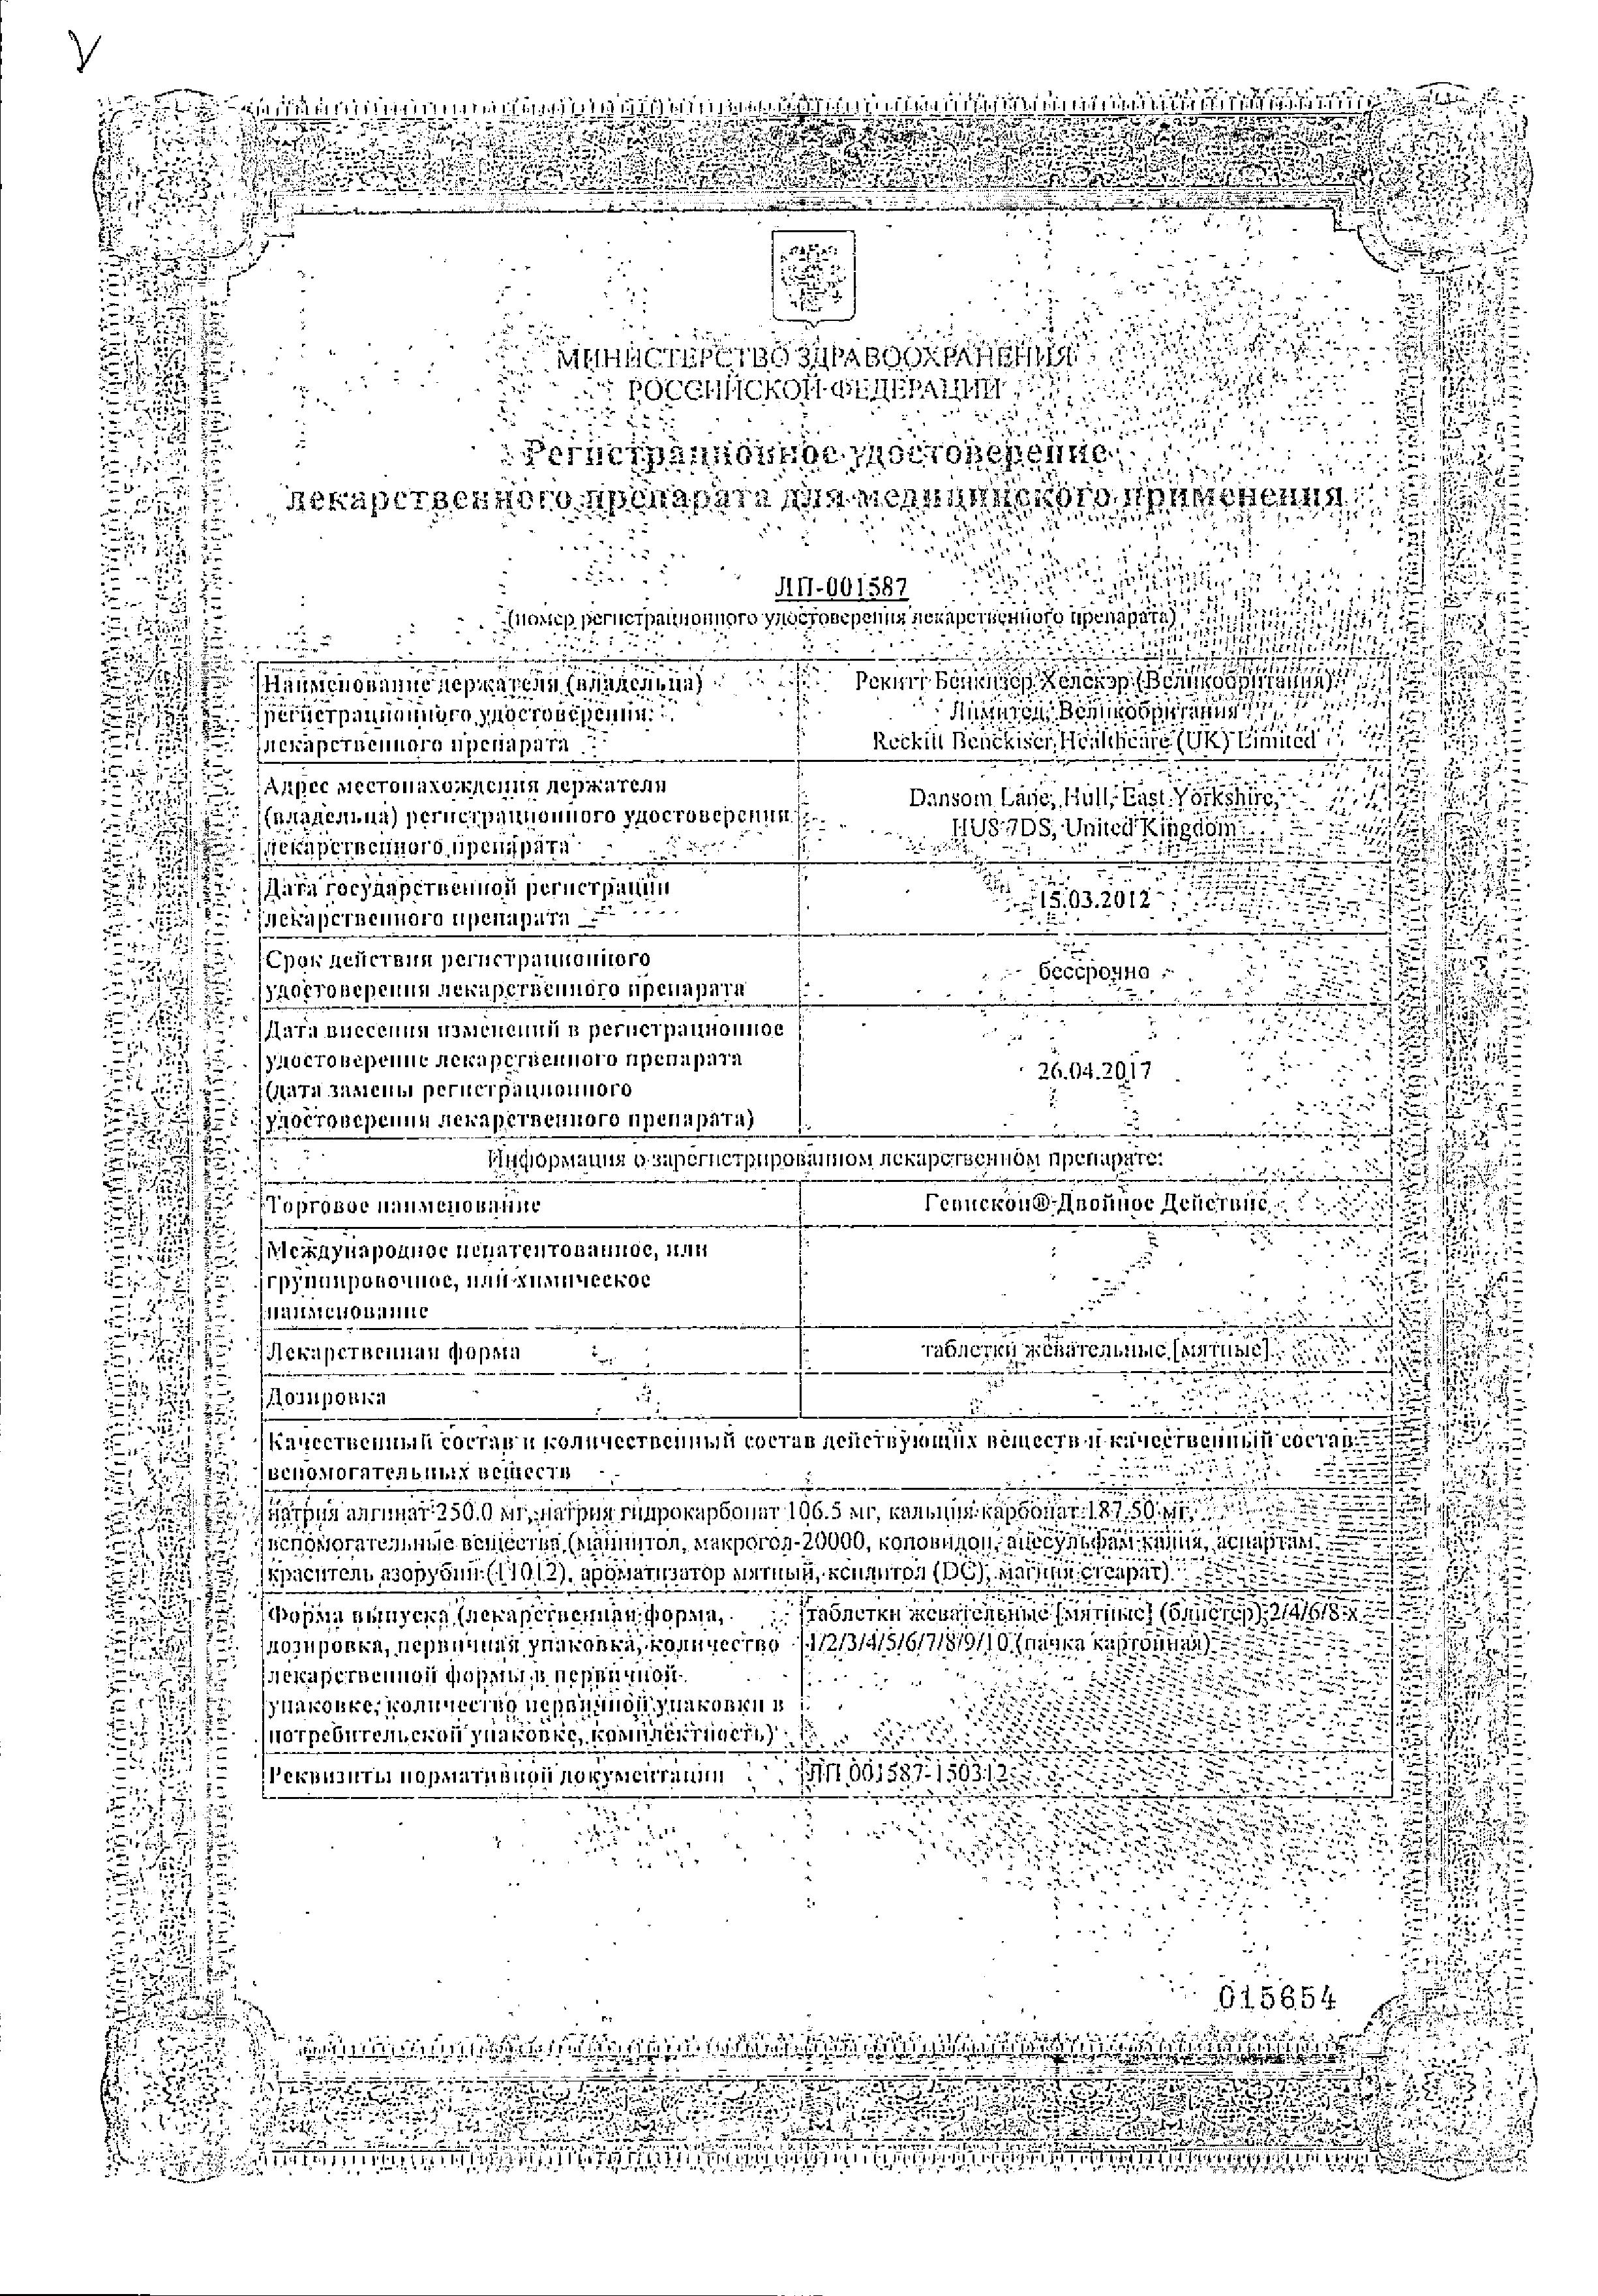 Гевискон Двойное Действие сертификат